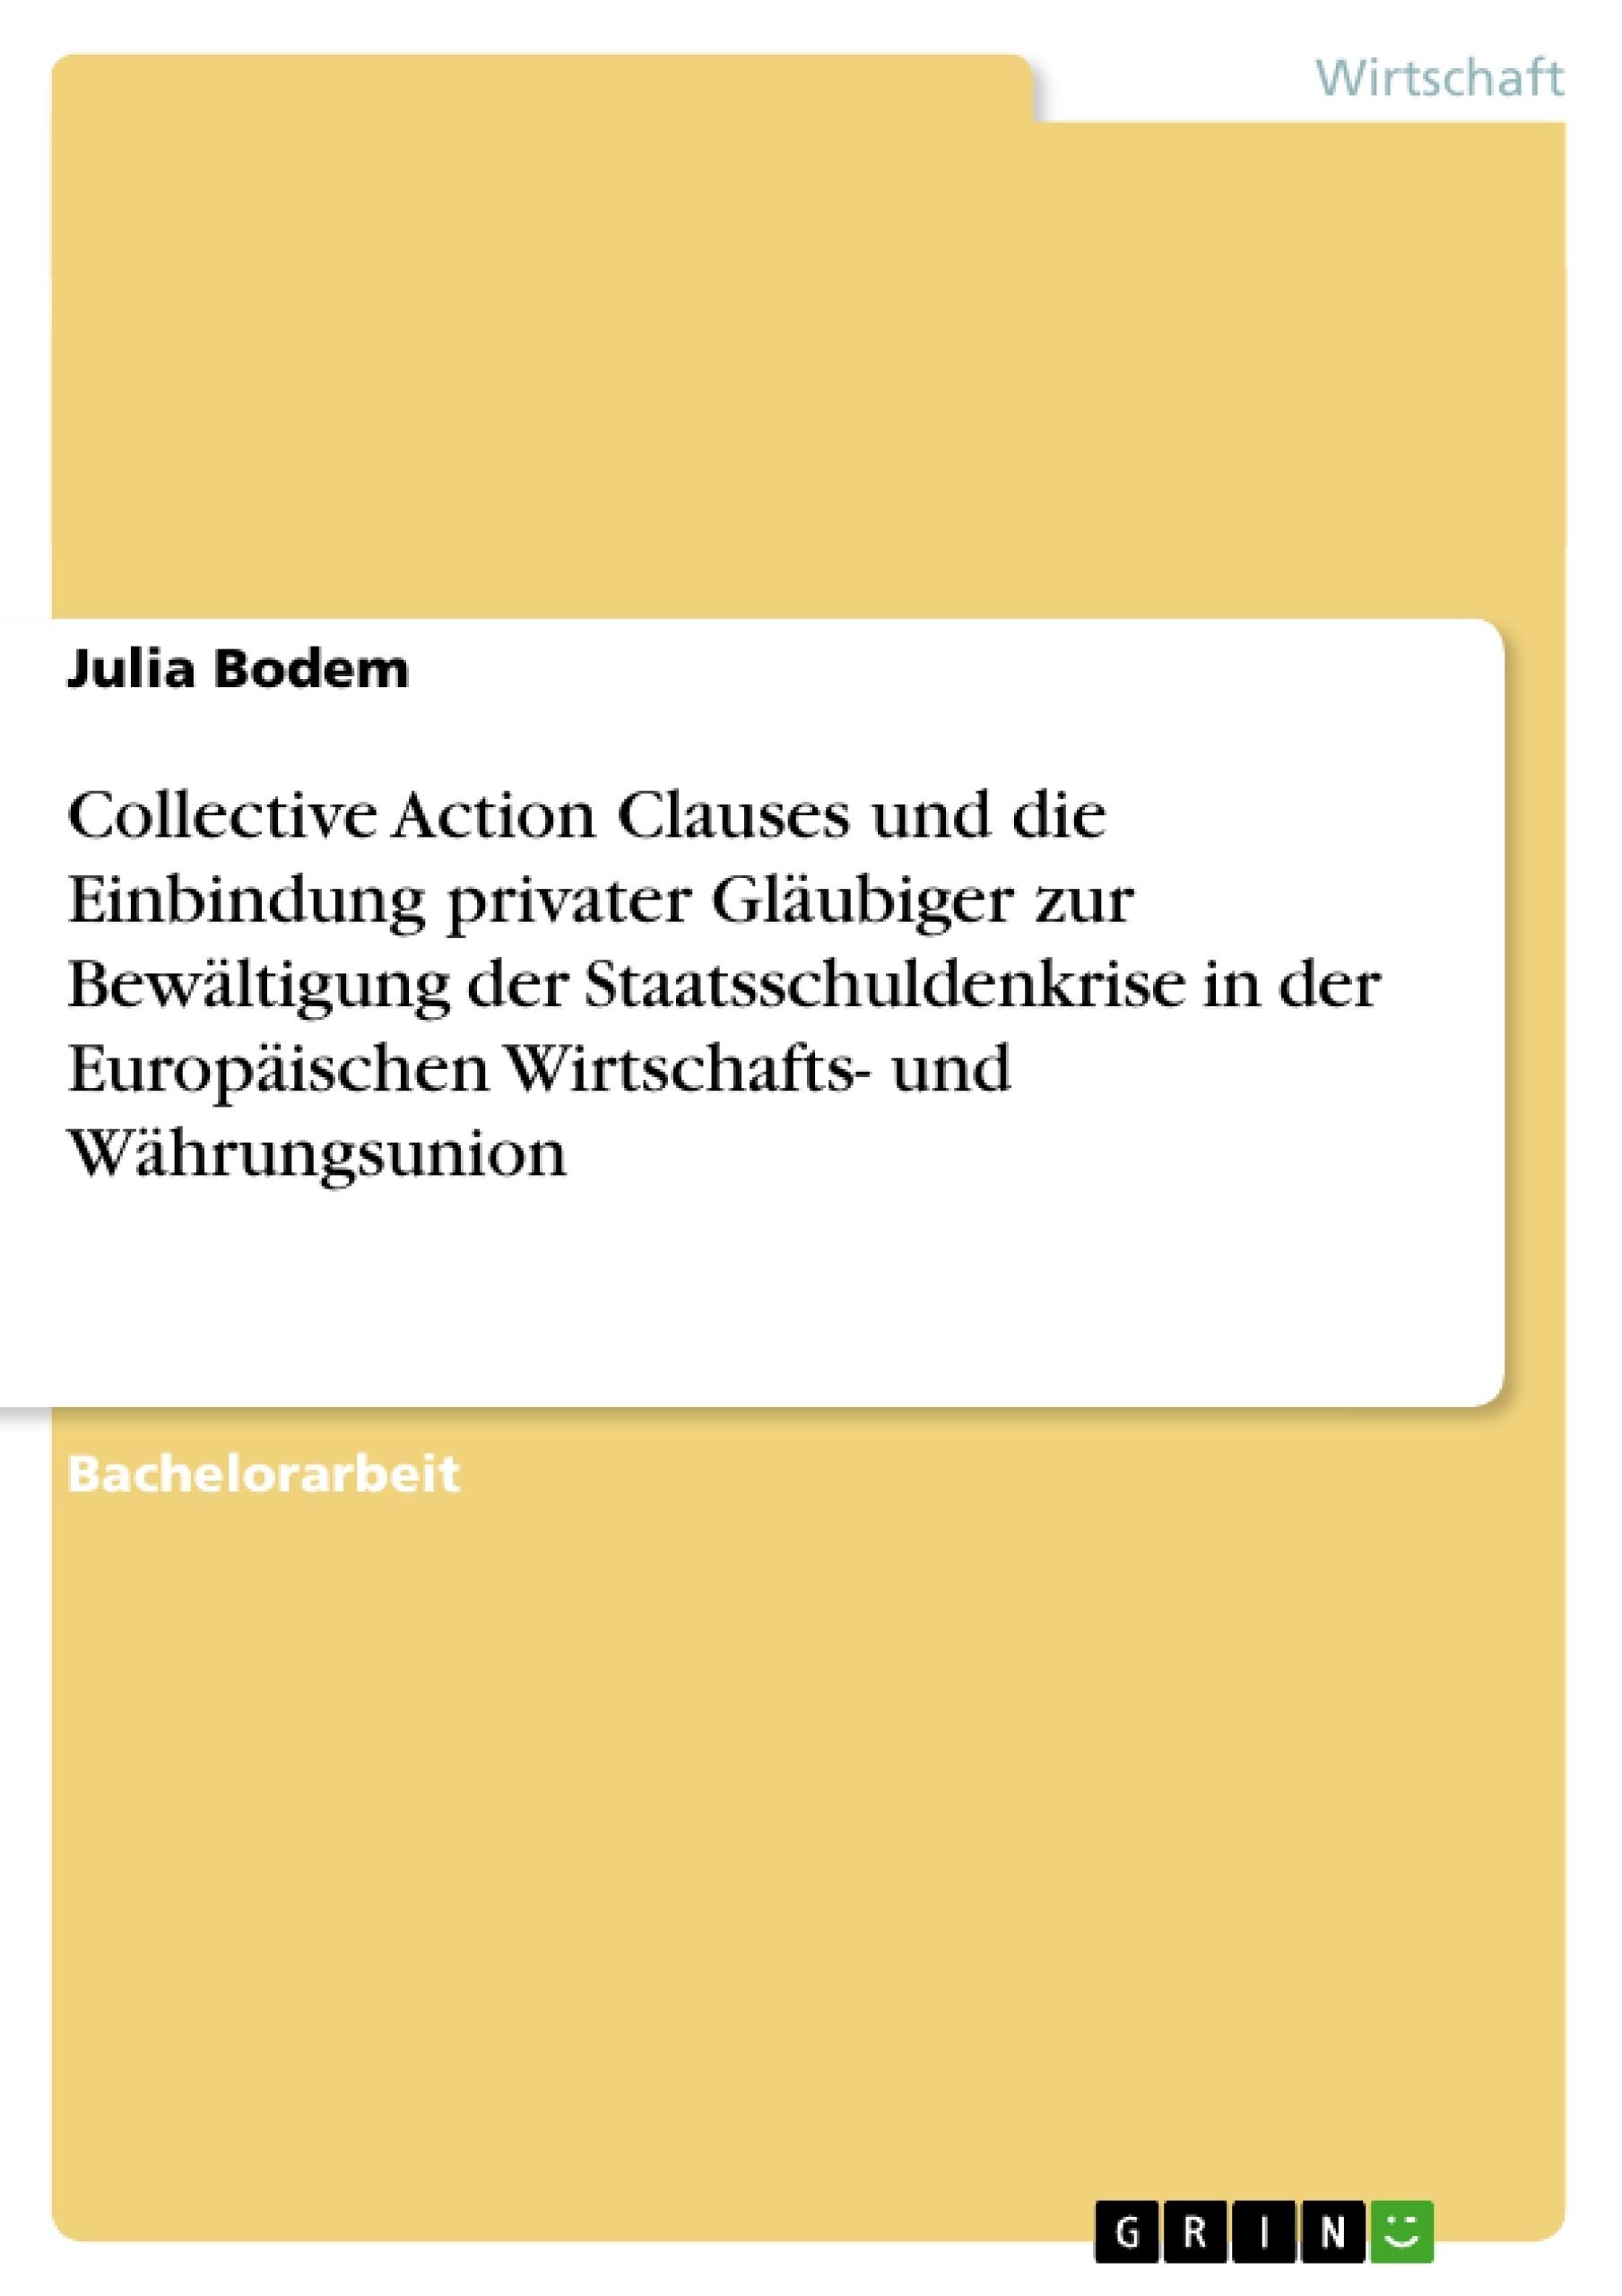 Titel: Collective Action Clauses und die Einbindung privater Gläubiger zur Bewältigung der Staatsschuldenkrise in der Europäischen Wirtschafts- und Währungsunion